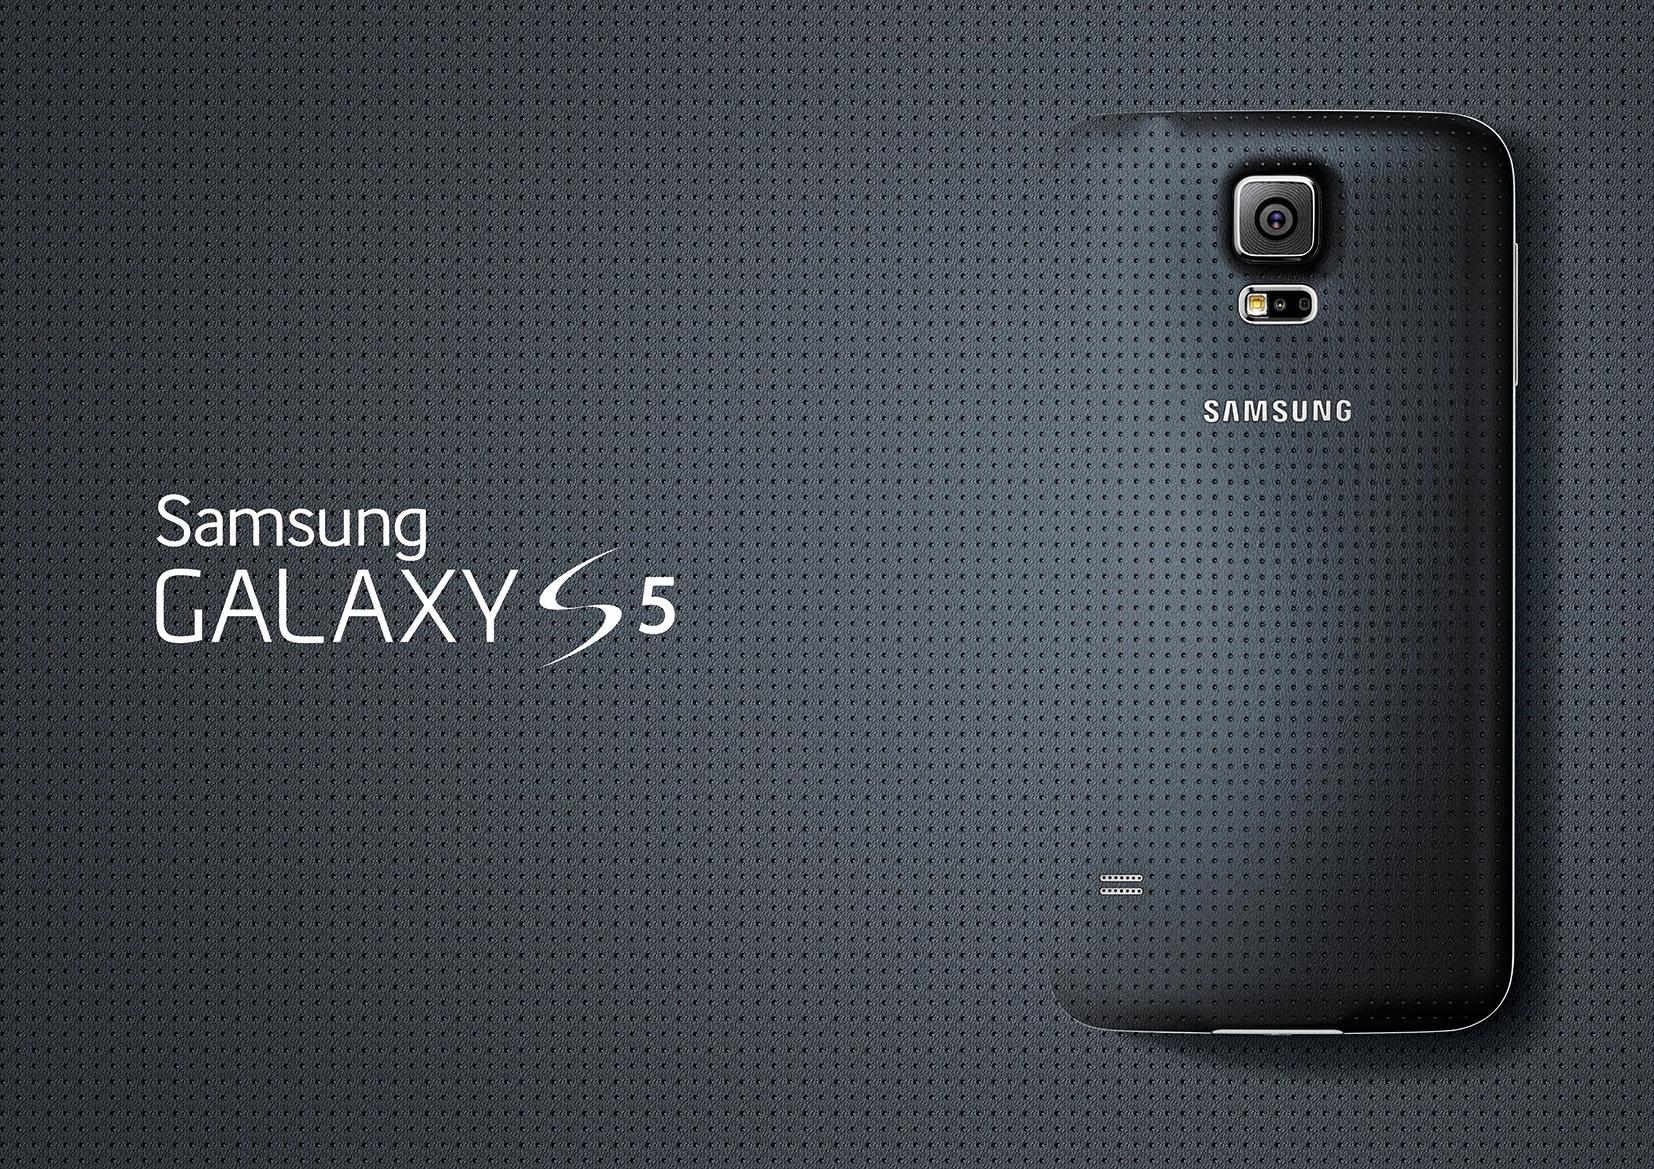 Download Die Original Wallpaper Des Samsung Galaxy S7: Samsung Galaxy S5 Offiziell Vorgestellt: 2.800 MAh, FullHD